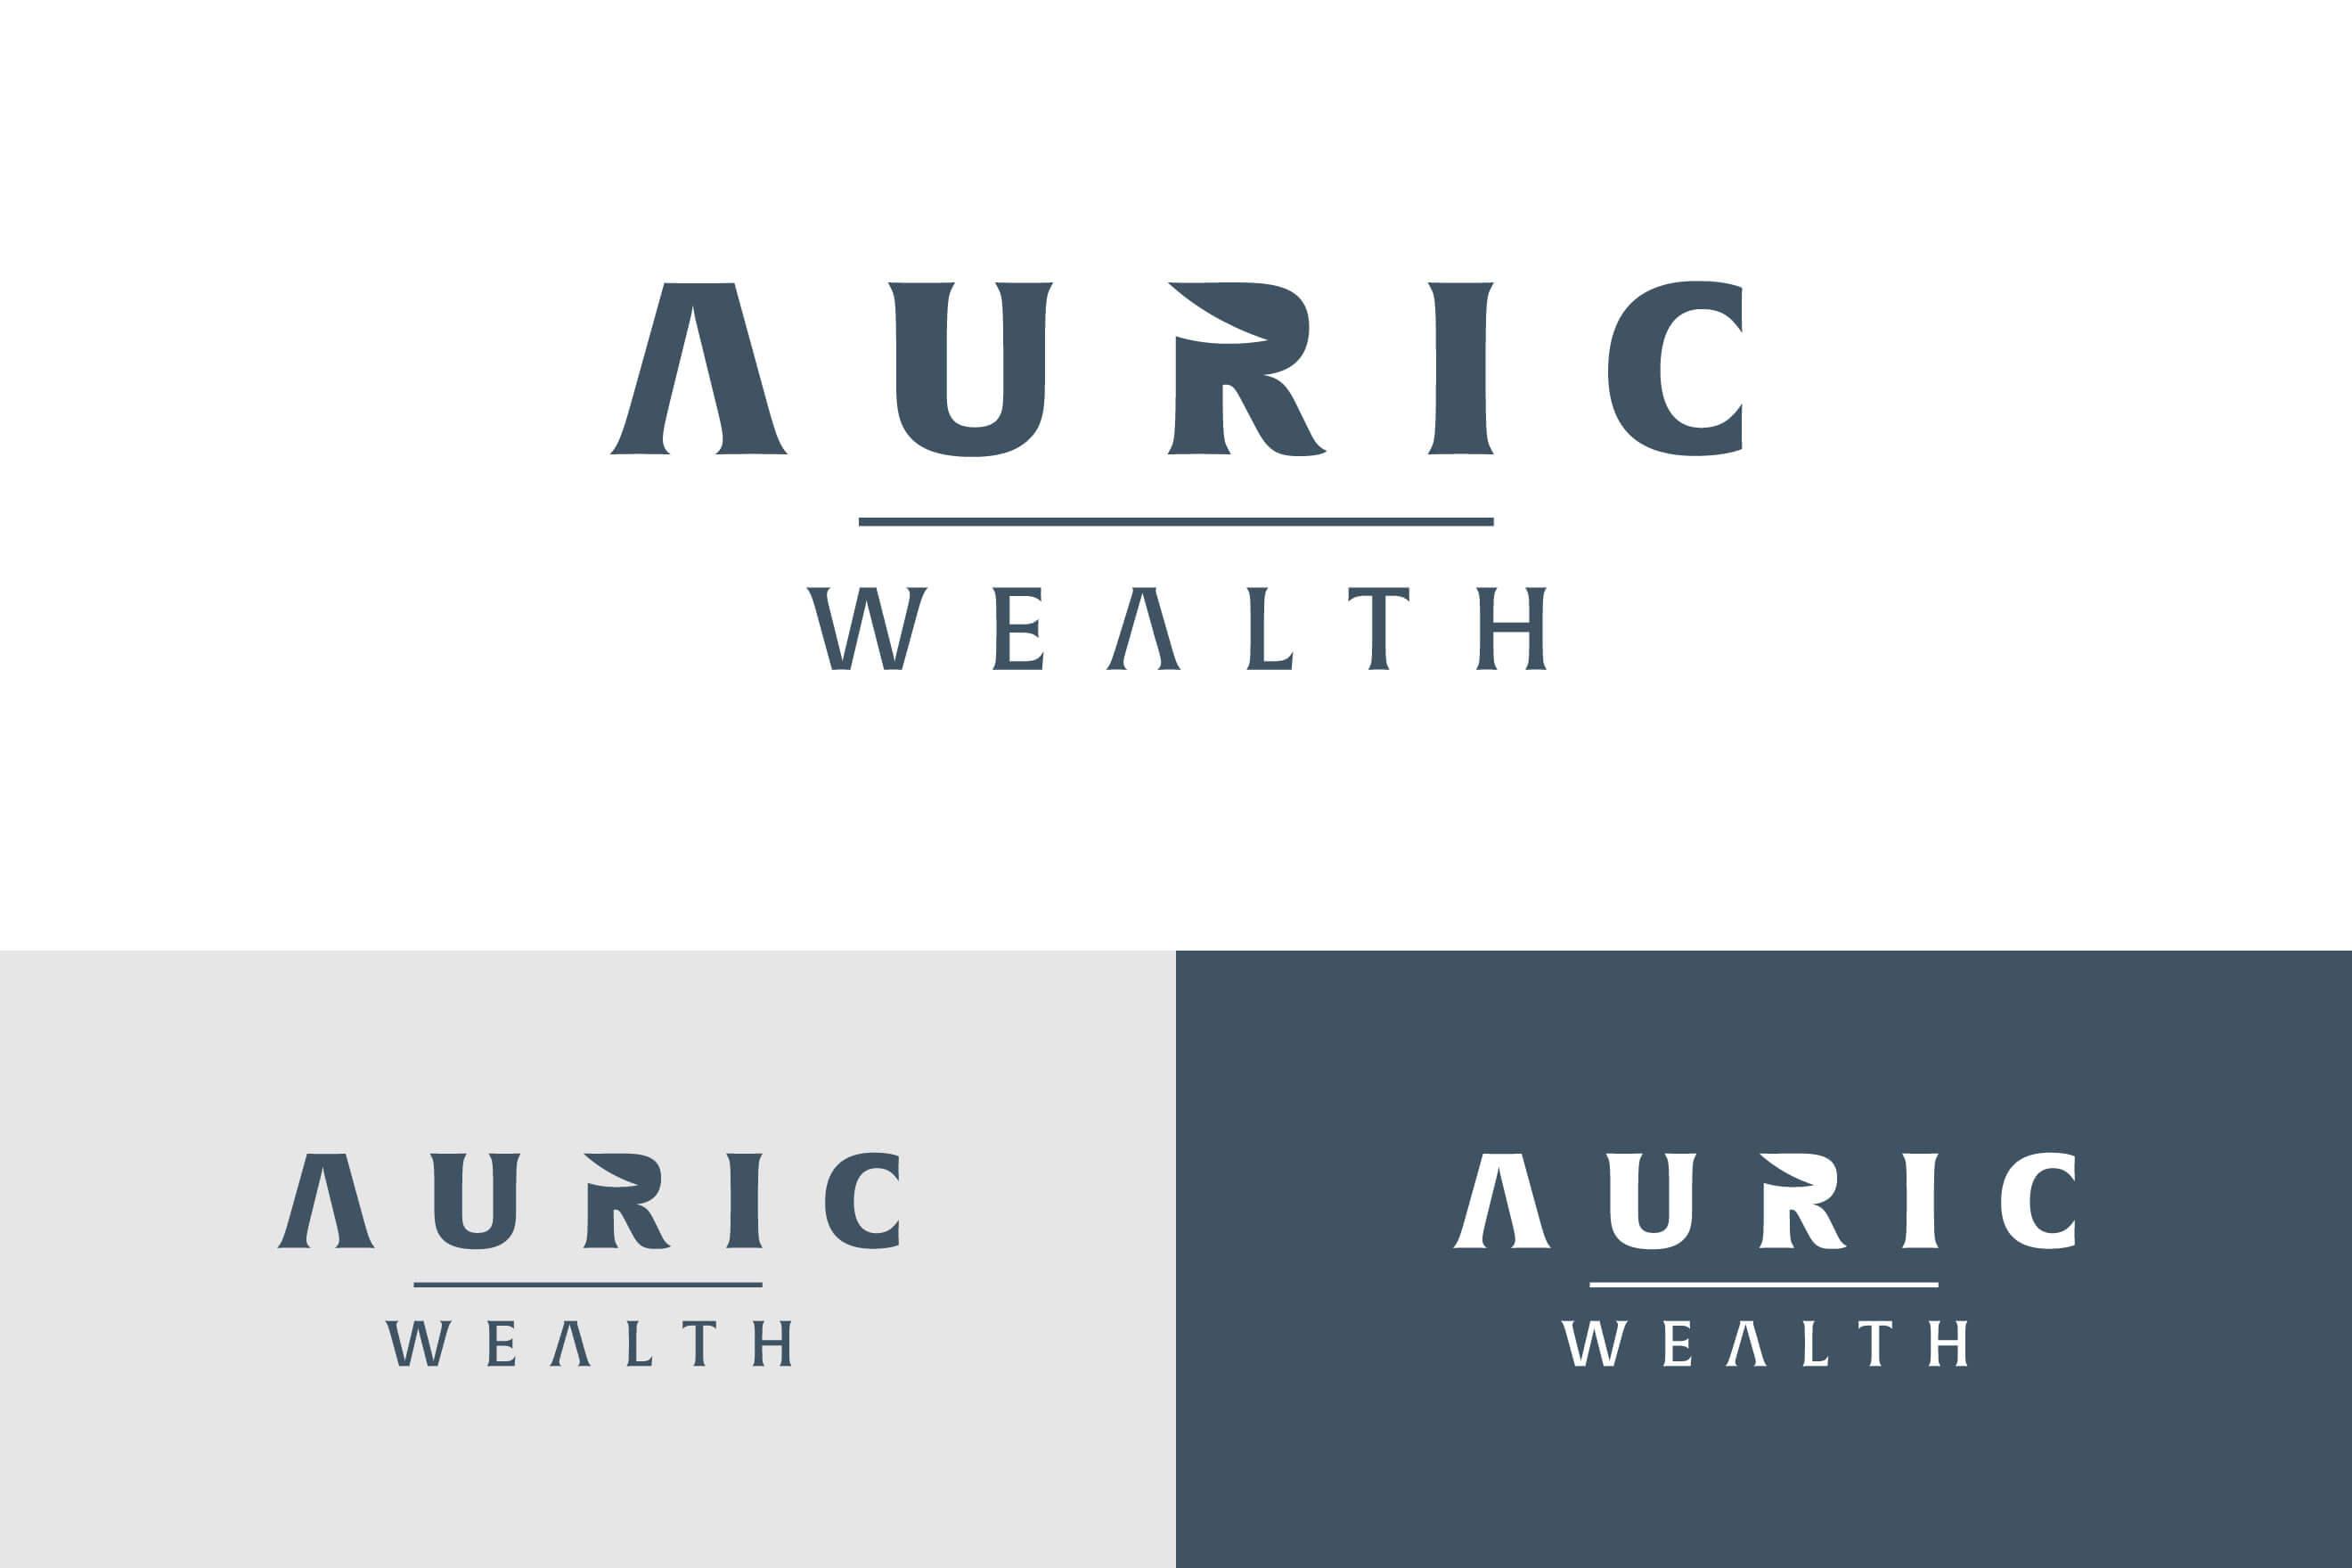 logo design for Auric Wealth